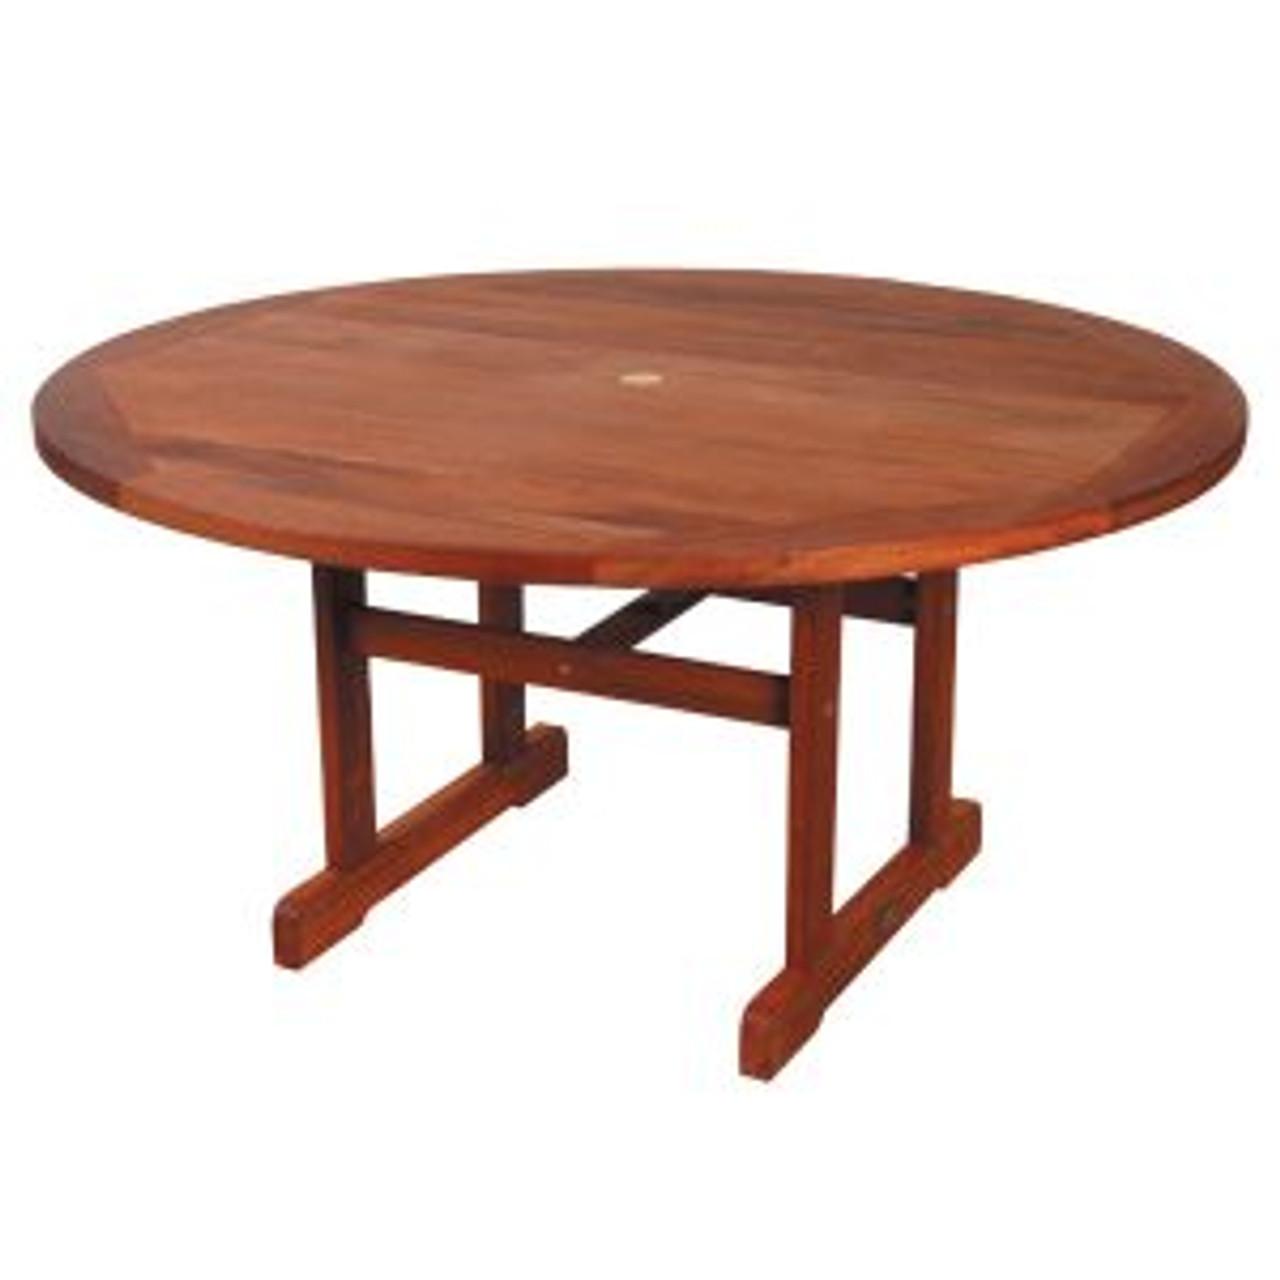 Sheraton 1.5M Round Table